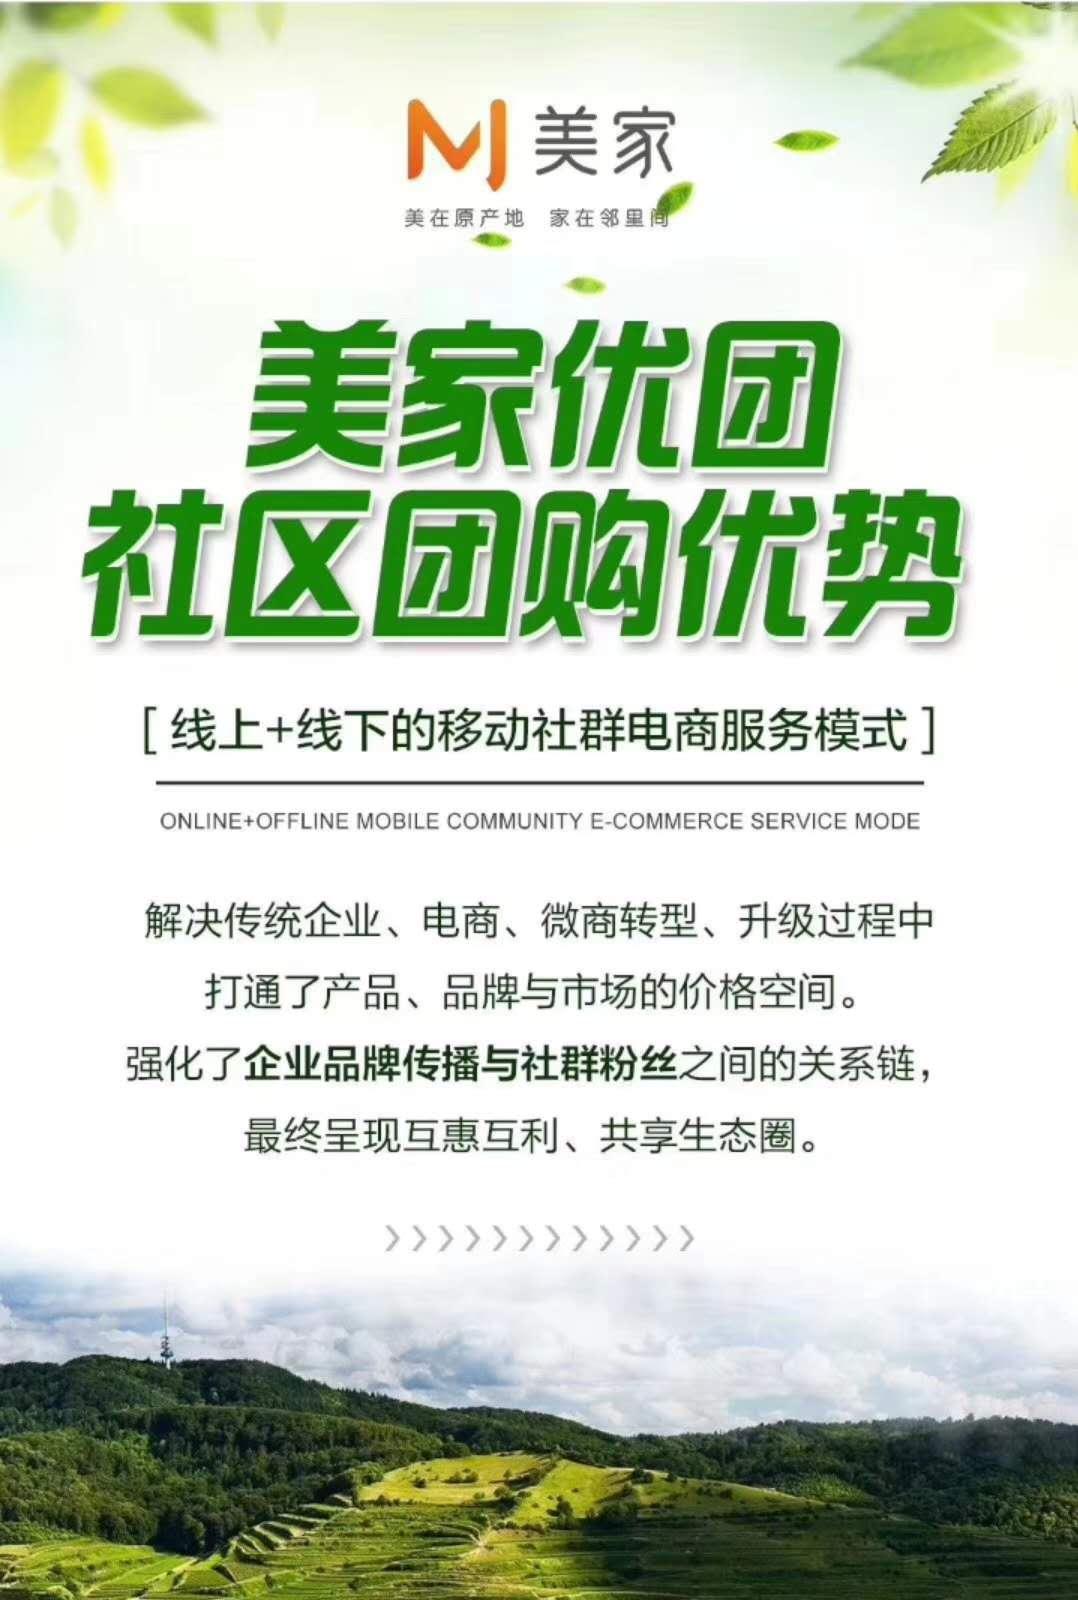 广东美家优团广东运营中心美家优团招募理事团长